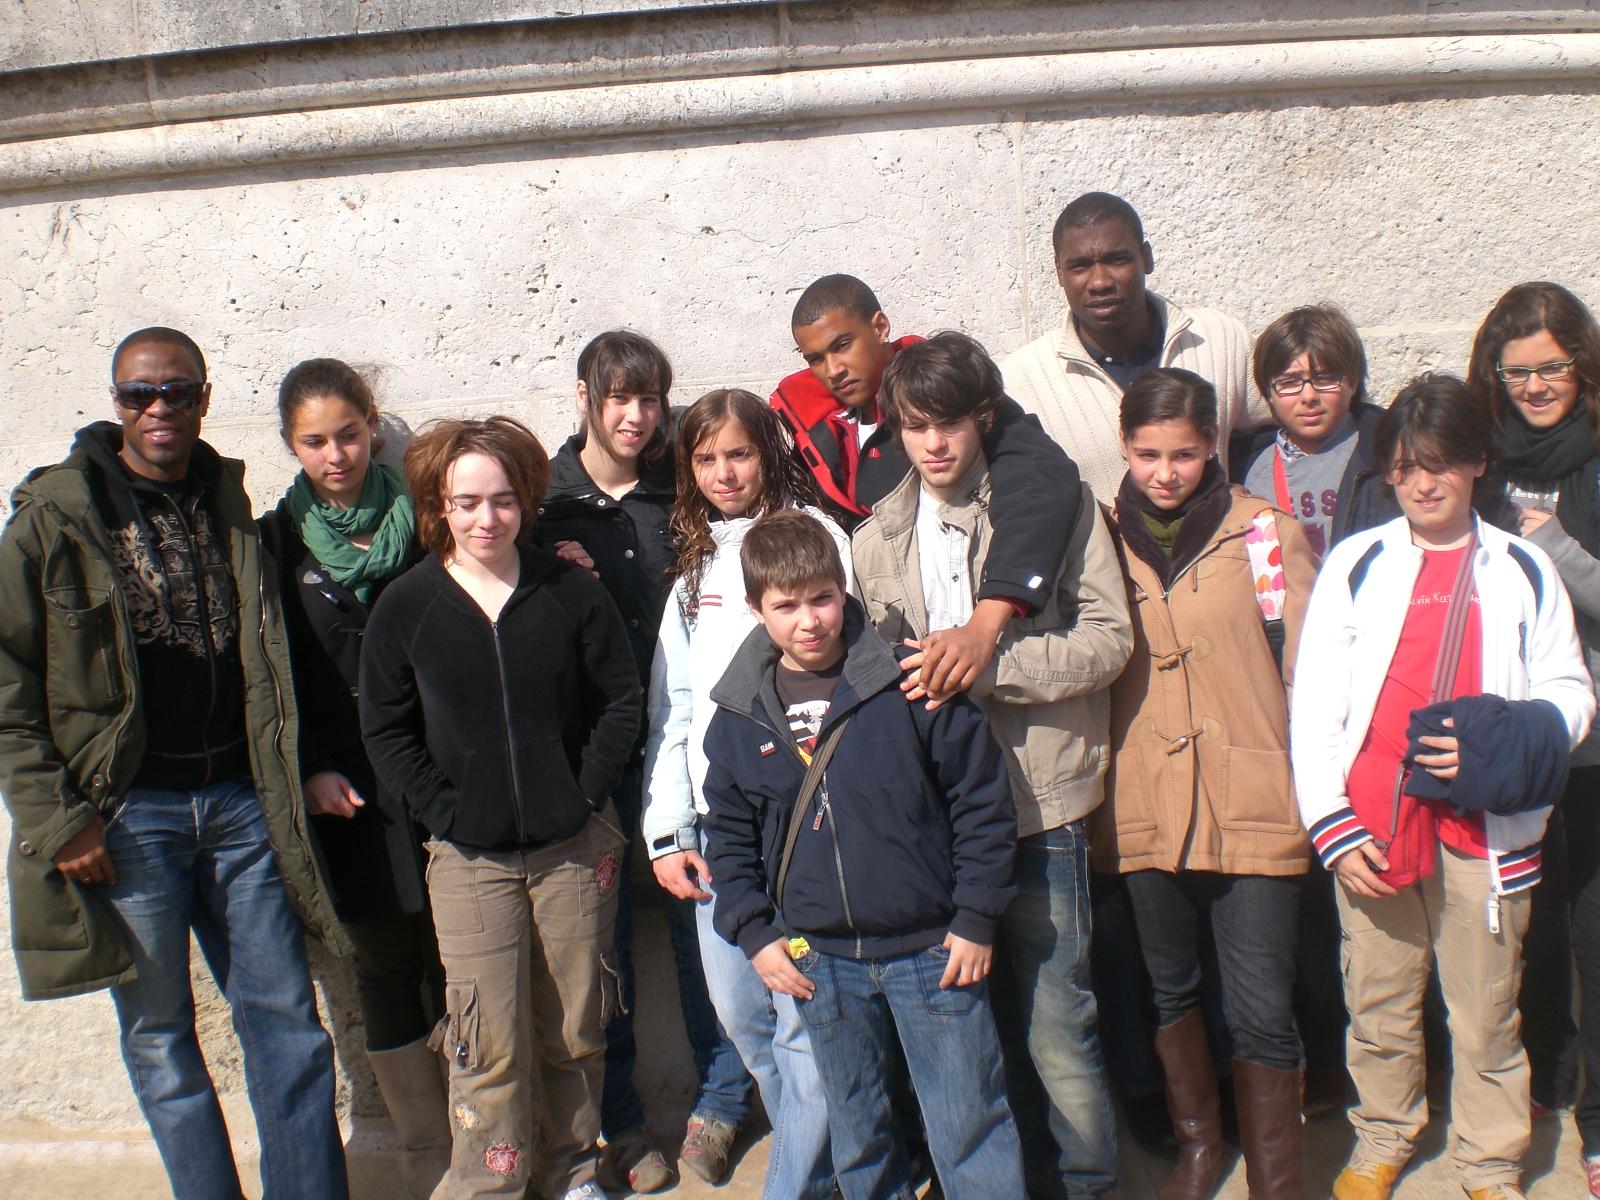 Échange Franco-espagnol Paris 2008